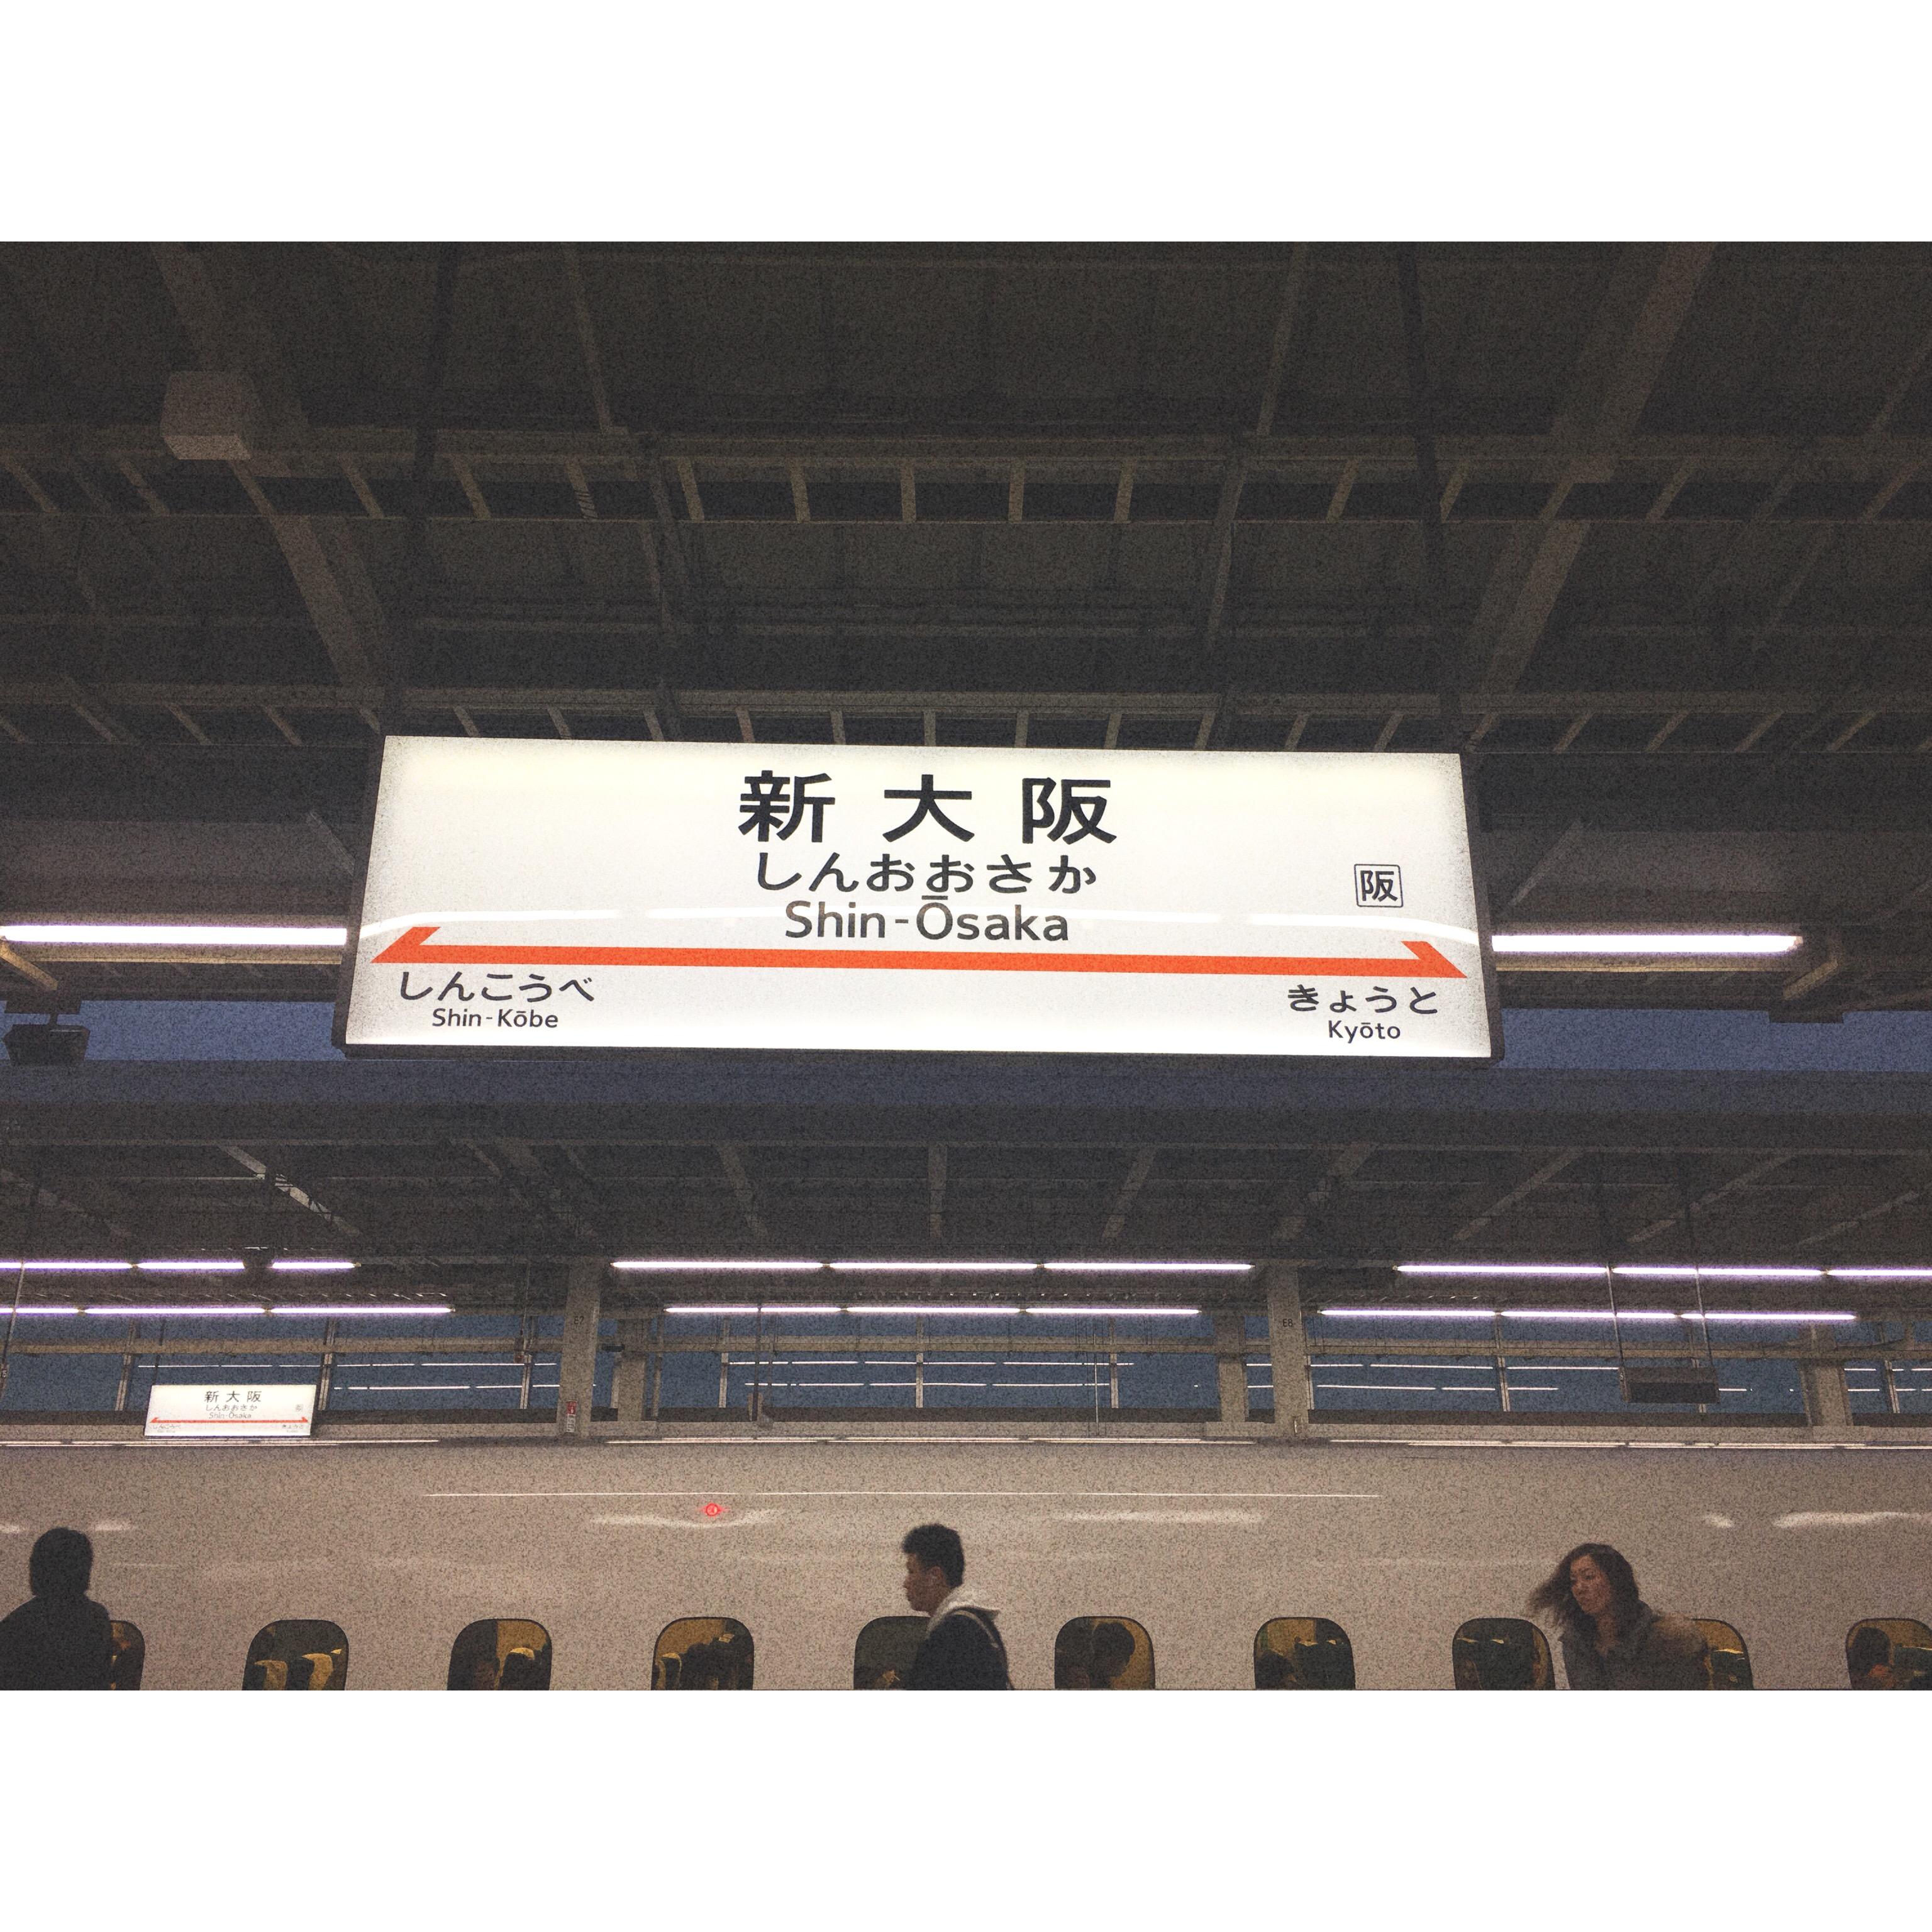 大阪行ってきます